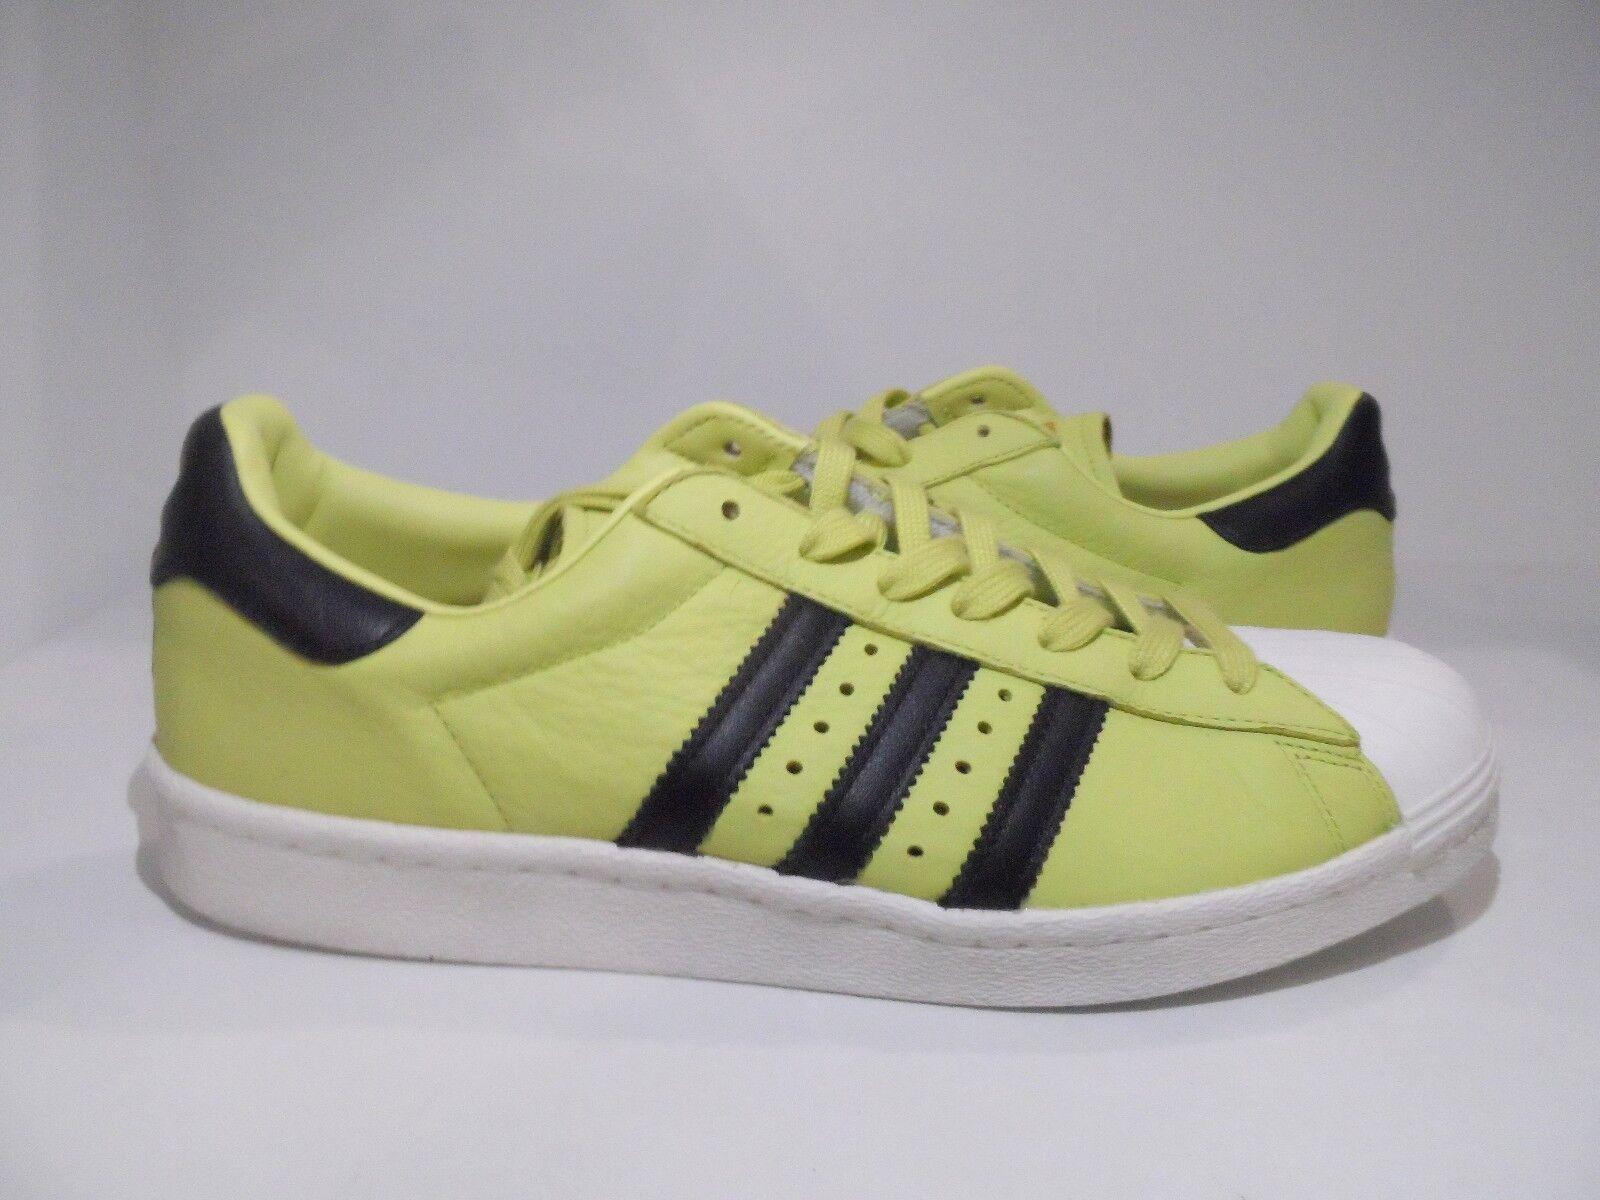 Adidas originals männer superstar auftrieb auftrieb auftrieb schuhe pastellgrün größe 12 0c251a